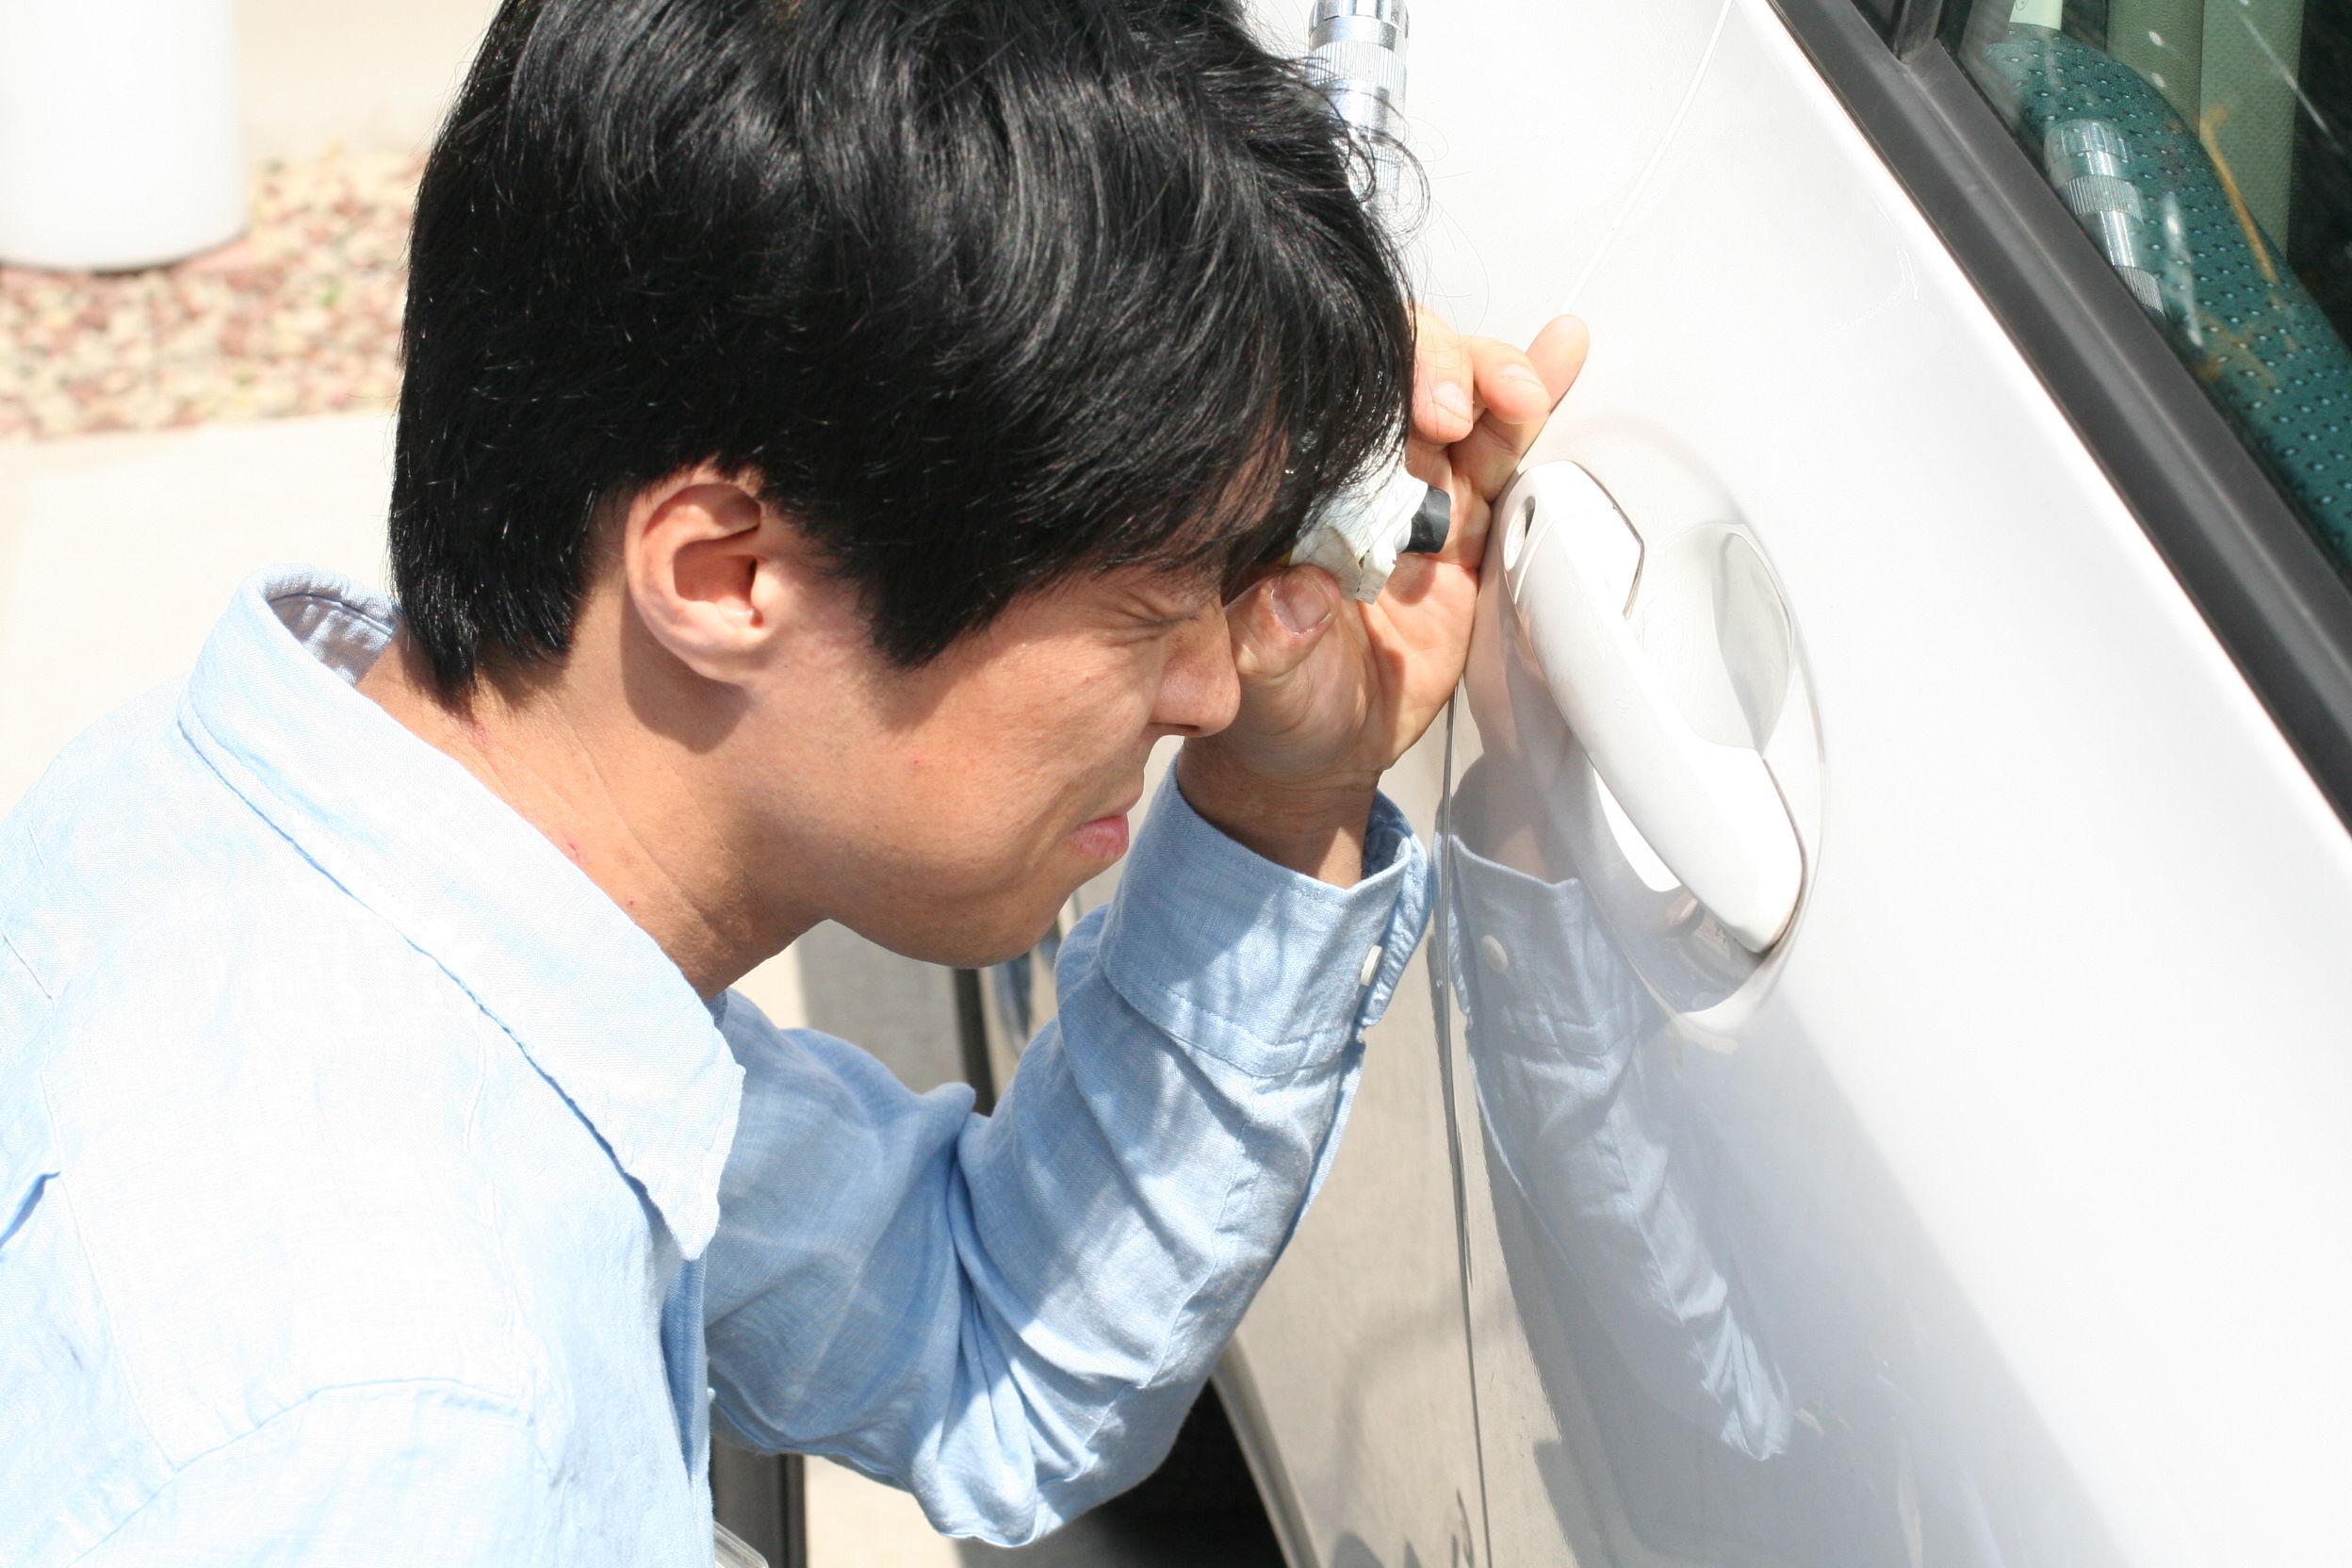 カギのトラブル救Q隊.24【北津軽郡板柳町 出張エリア】のメイン画像